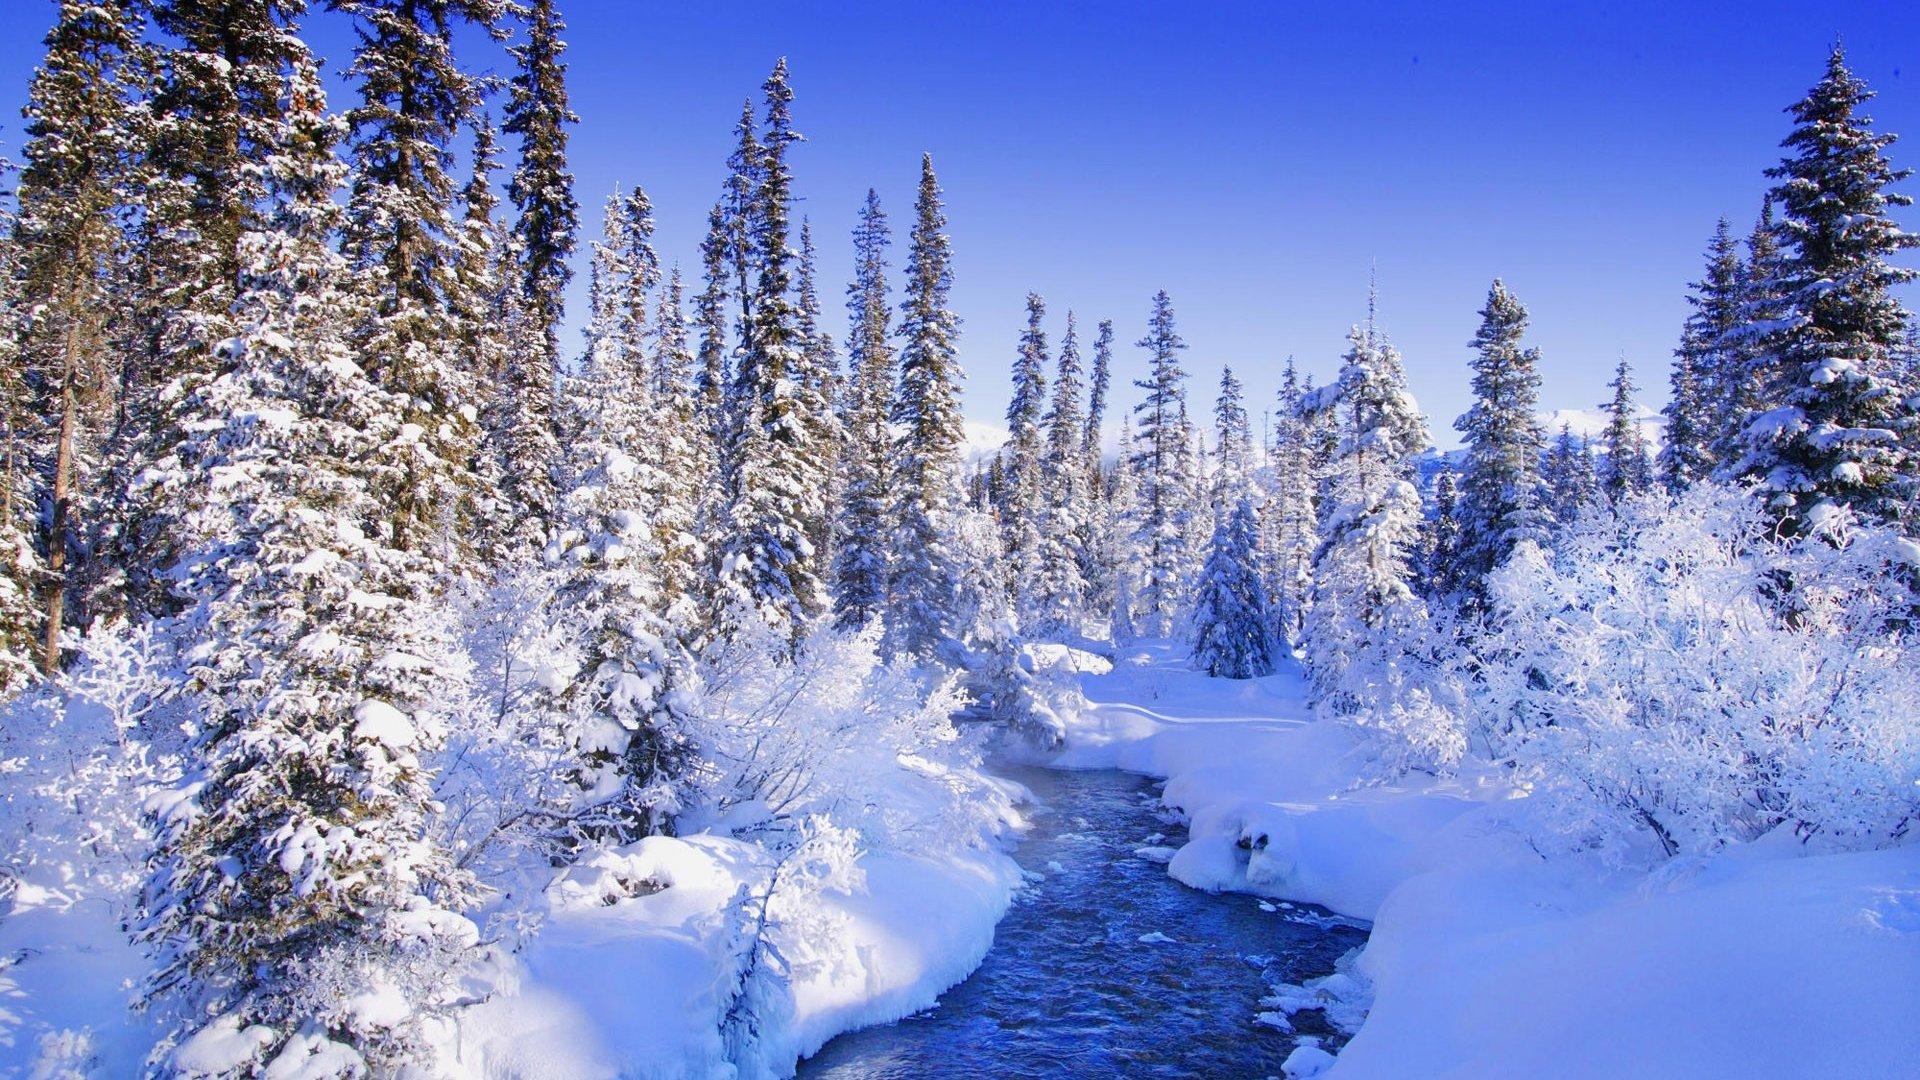 唯美冬日雪景图片桌面壁纸,分辨率:1920x1200